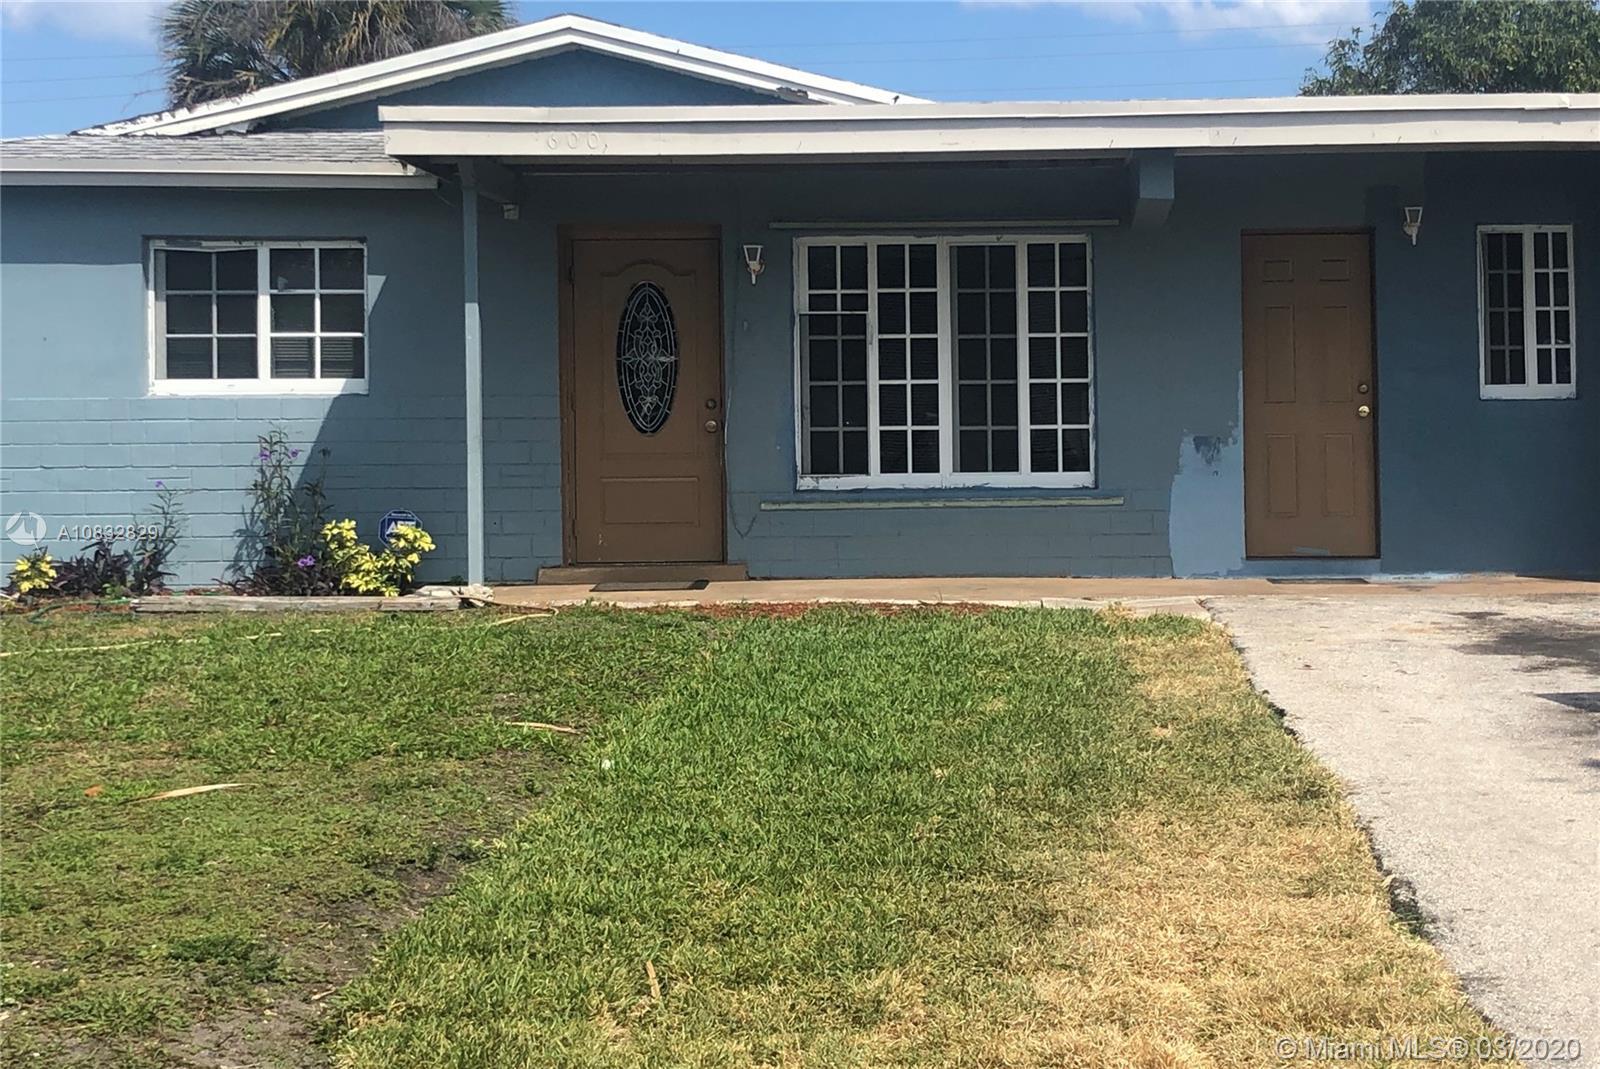 600 NW 2nd Way, Deerfield Beach, FL 33441 - Deerfield Beach, FL real estate listing